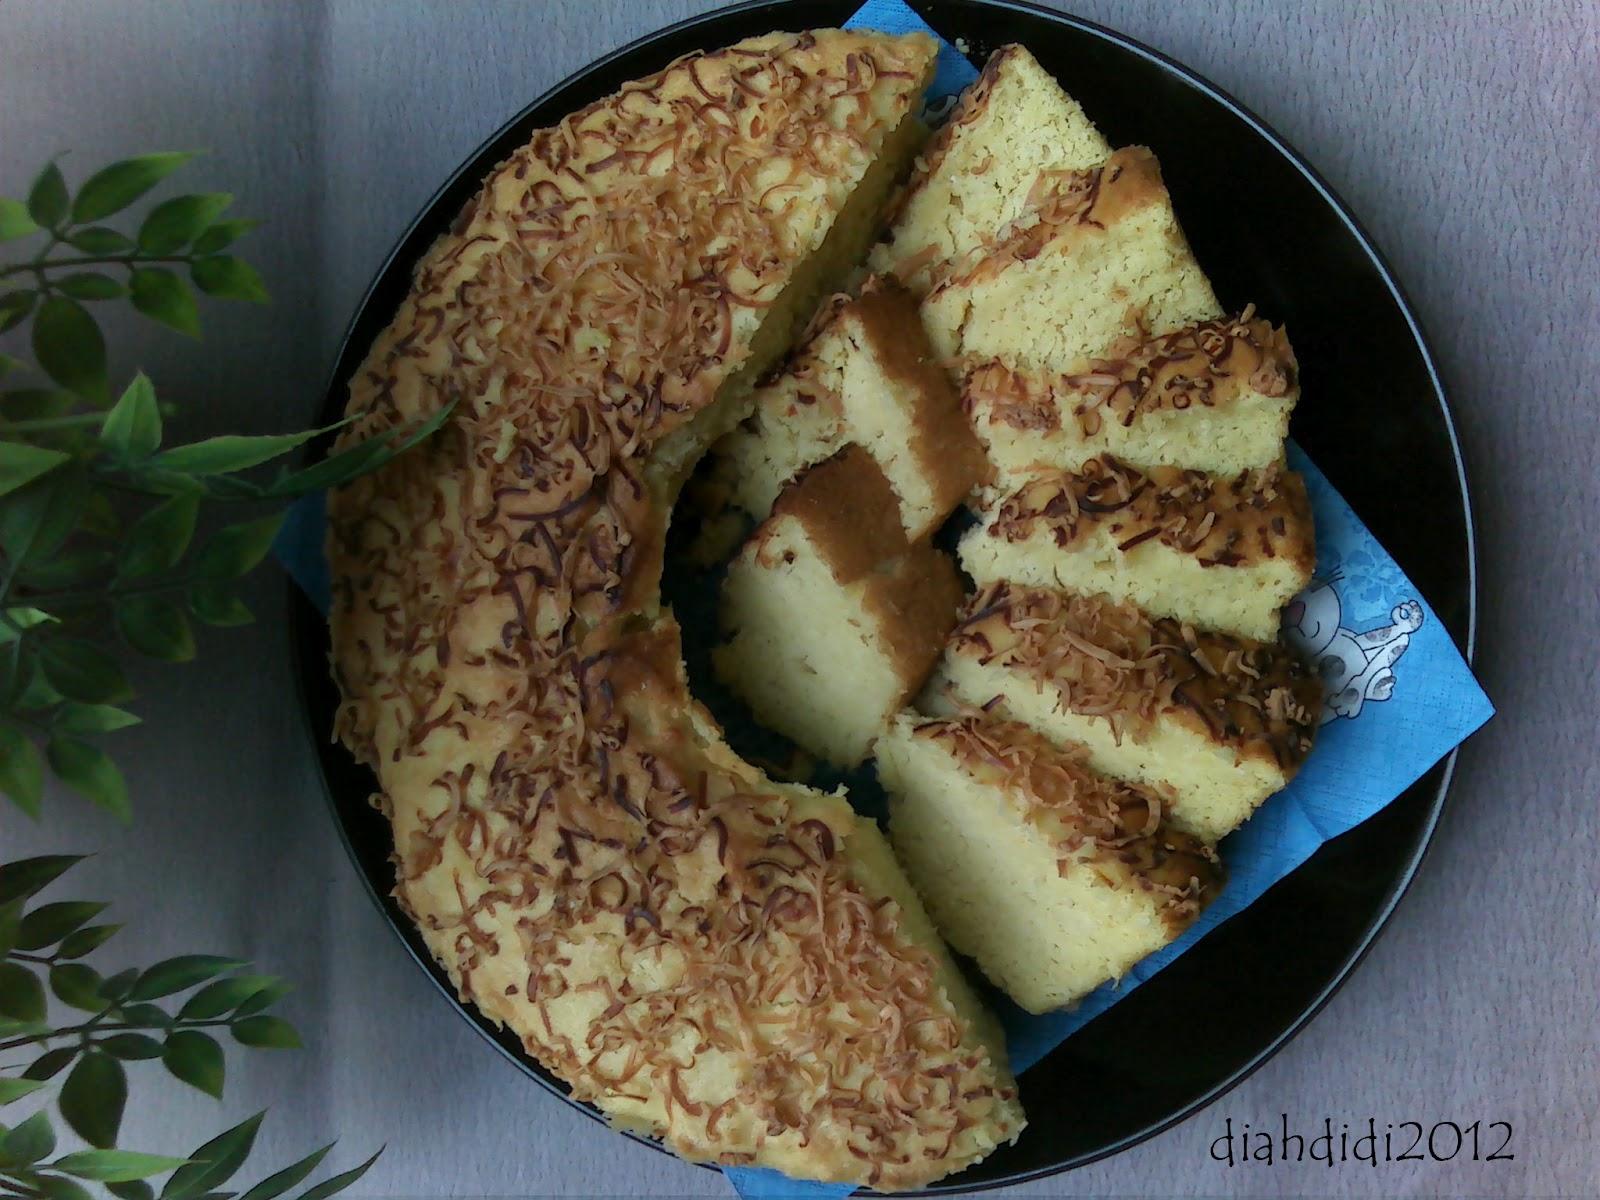 Resep Cake Pisang Diah Didi